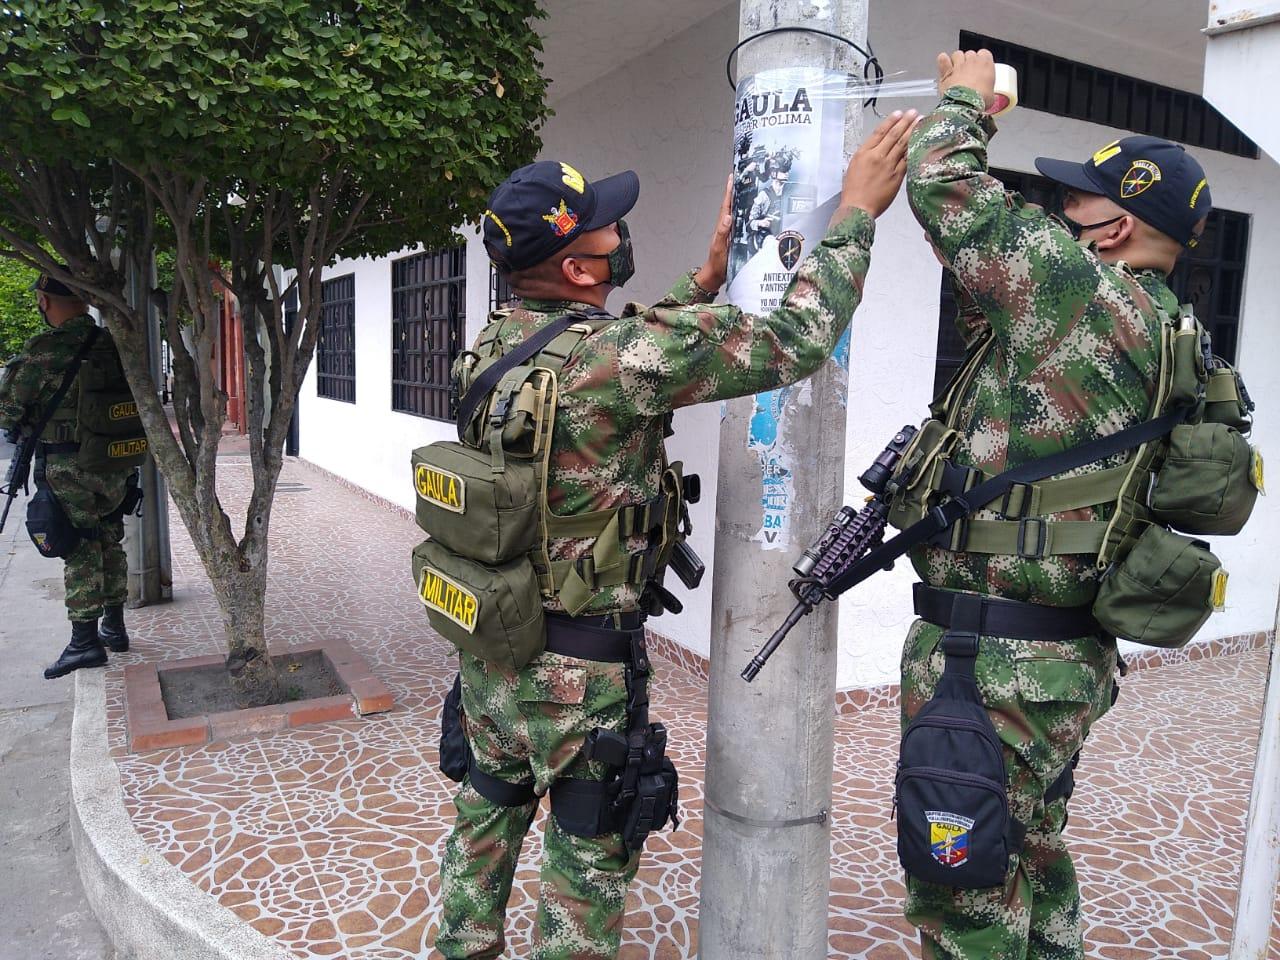 Campaña contra el secuestro y la extorsión en Espinal